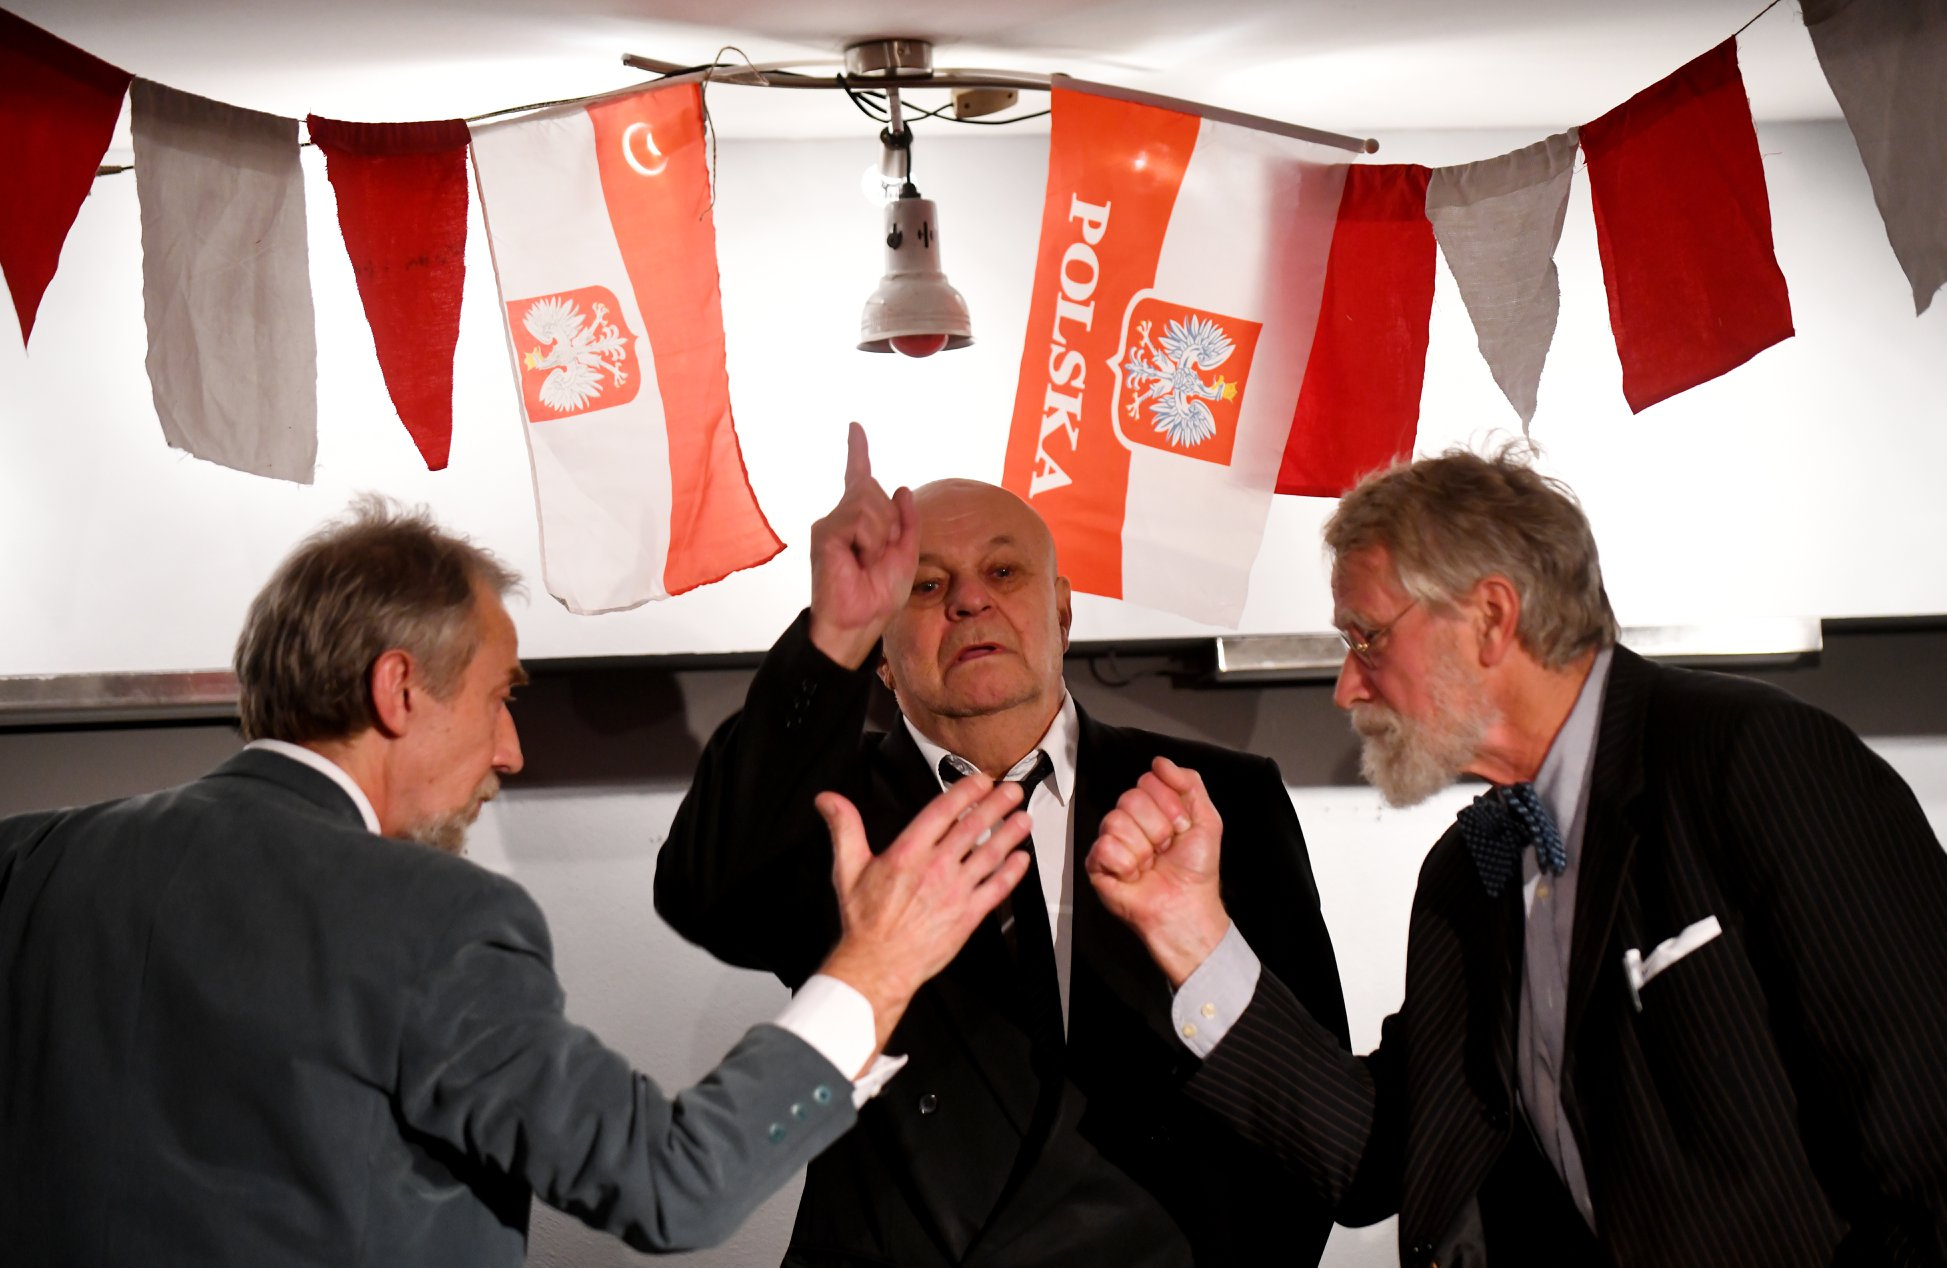 Divadlo Klub PL - Teatr Klub PL.jpg